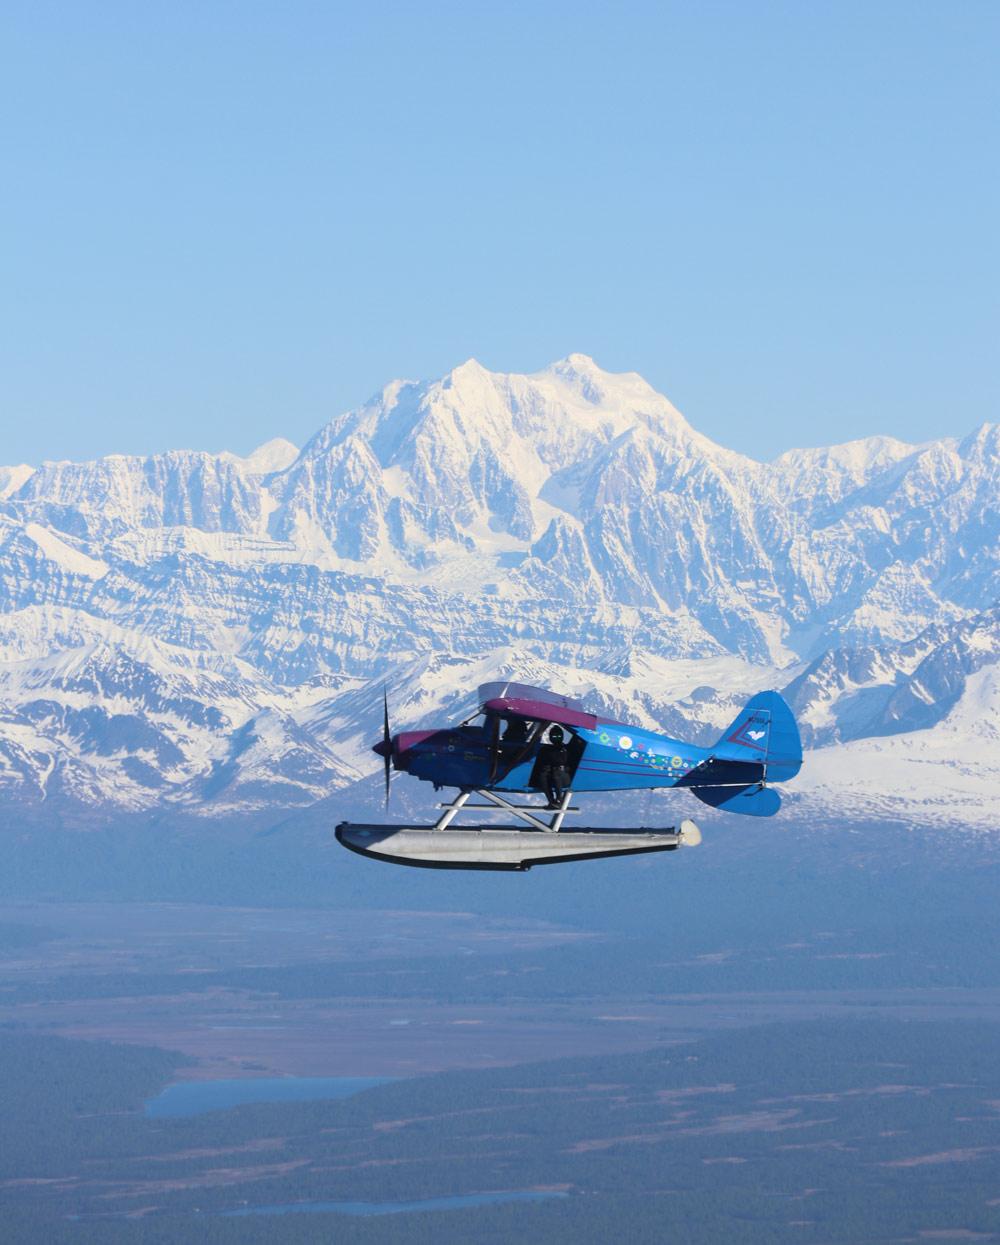 The Last Frontier: Jumping Alaska